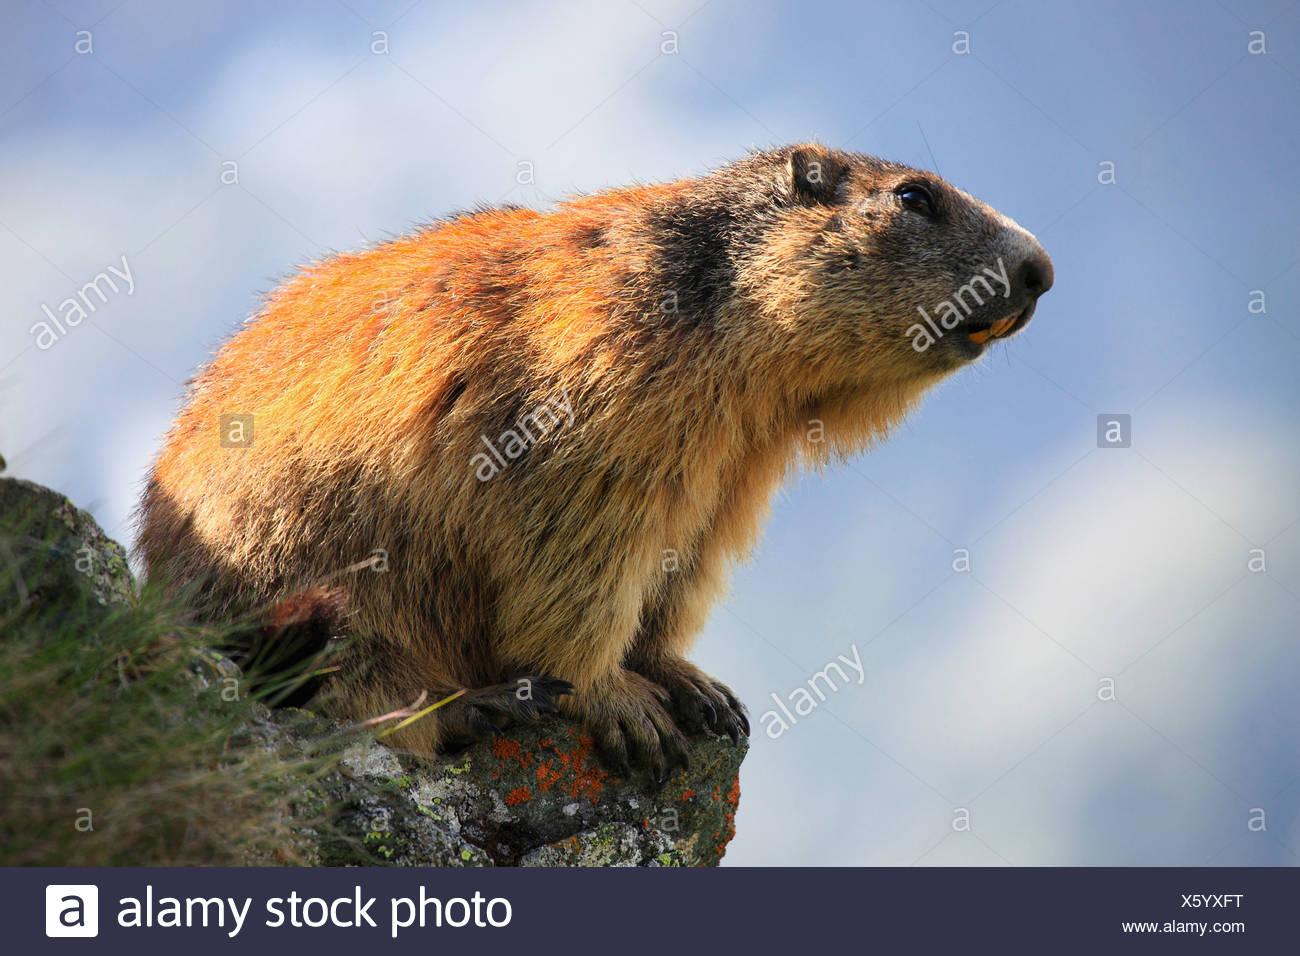 Alpine Murmeltier (Marmota Marmota), sitzt auf einem Felsvorsprung, bewachsen mit Flechten, Österreich, Nationalpark Hohe Tauern Stockbild